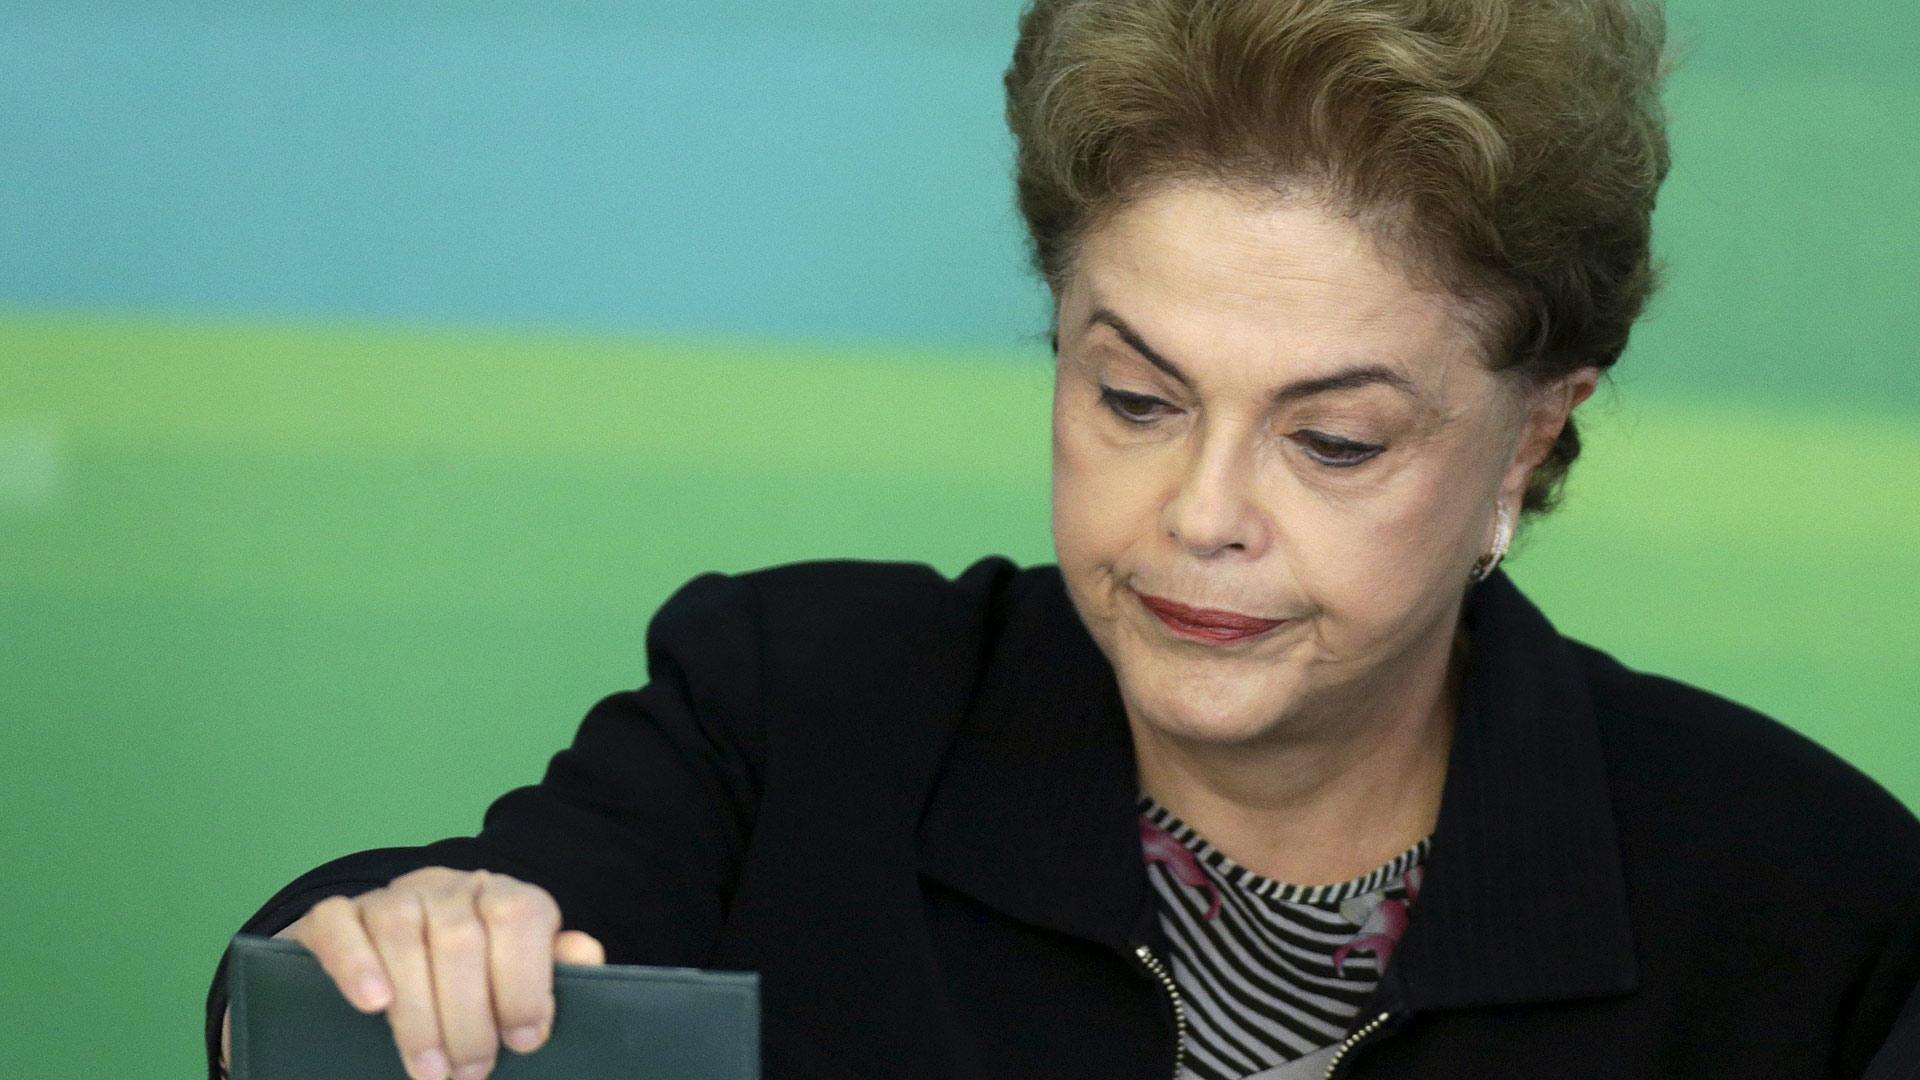 El senador Delcídio Amaral asegura que la Presidenta estaba al tanto de la corrupción en Petrobras